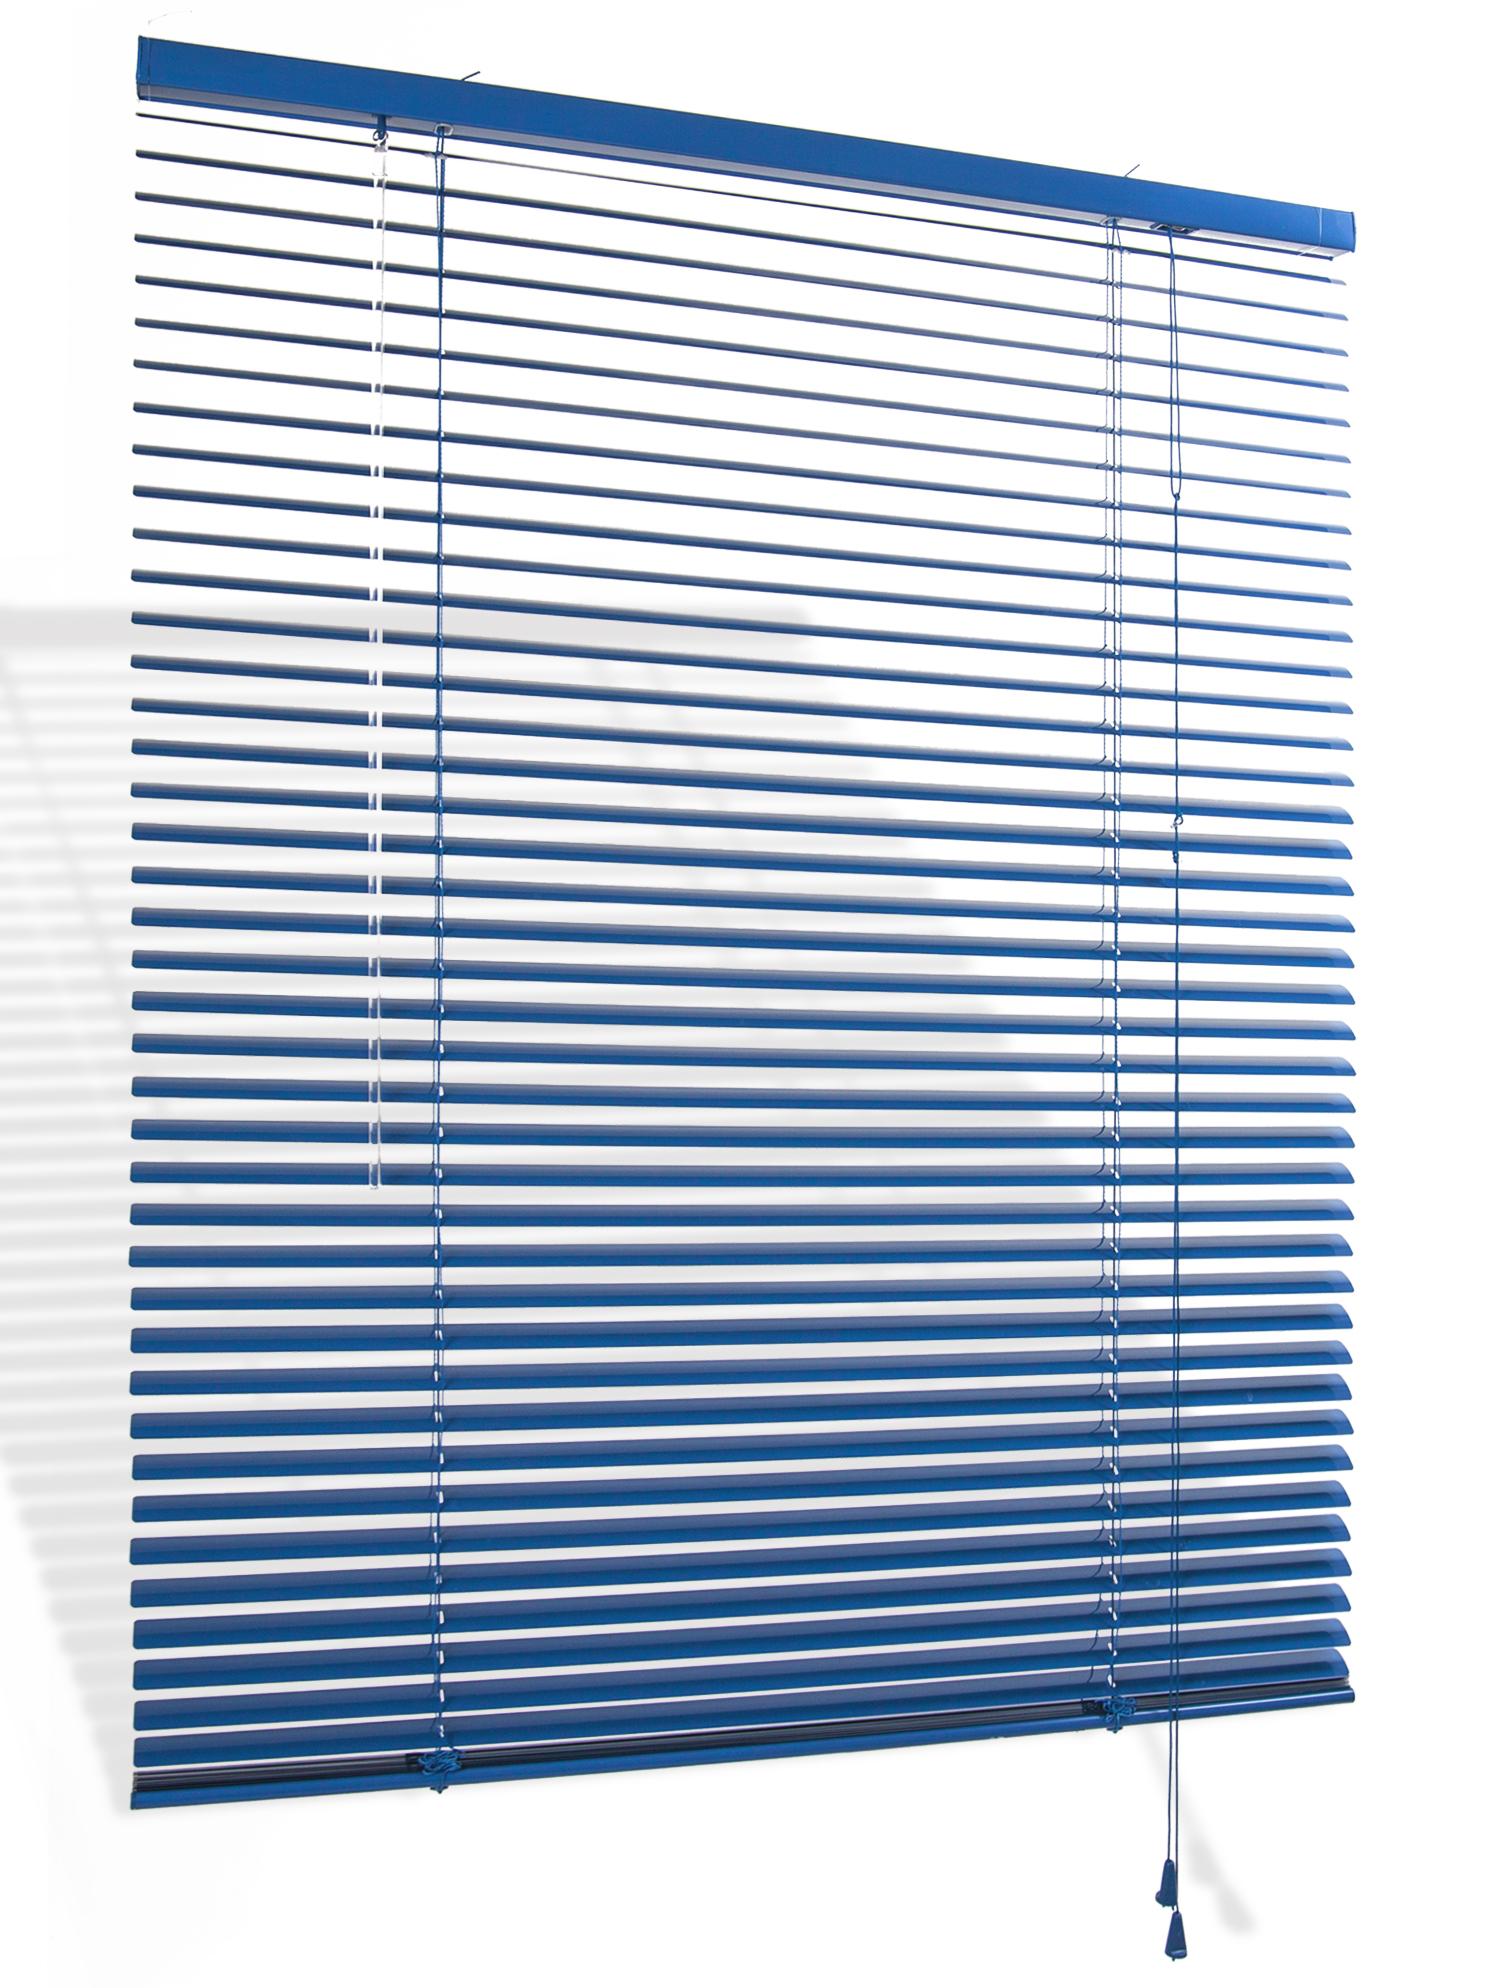 Dusche Fenster Rollo : M?bel & Wohnen > Rollos, Gardinen & Vorh?nge > Jalousien & Rollos